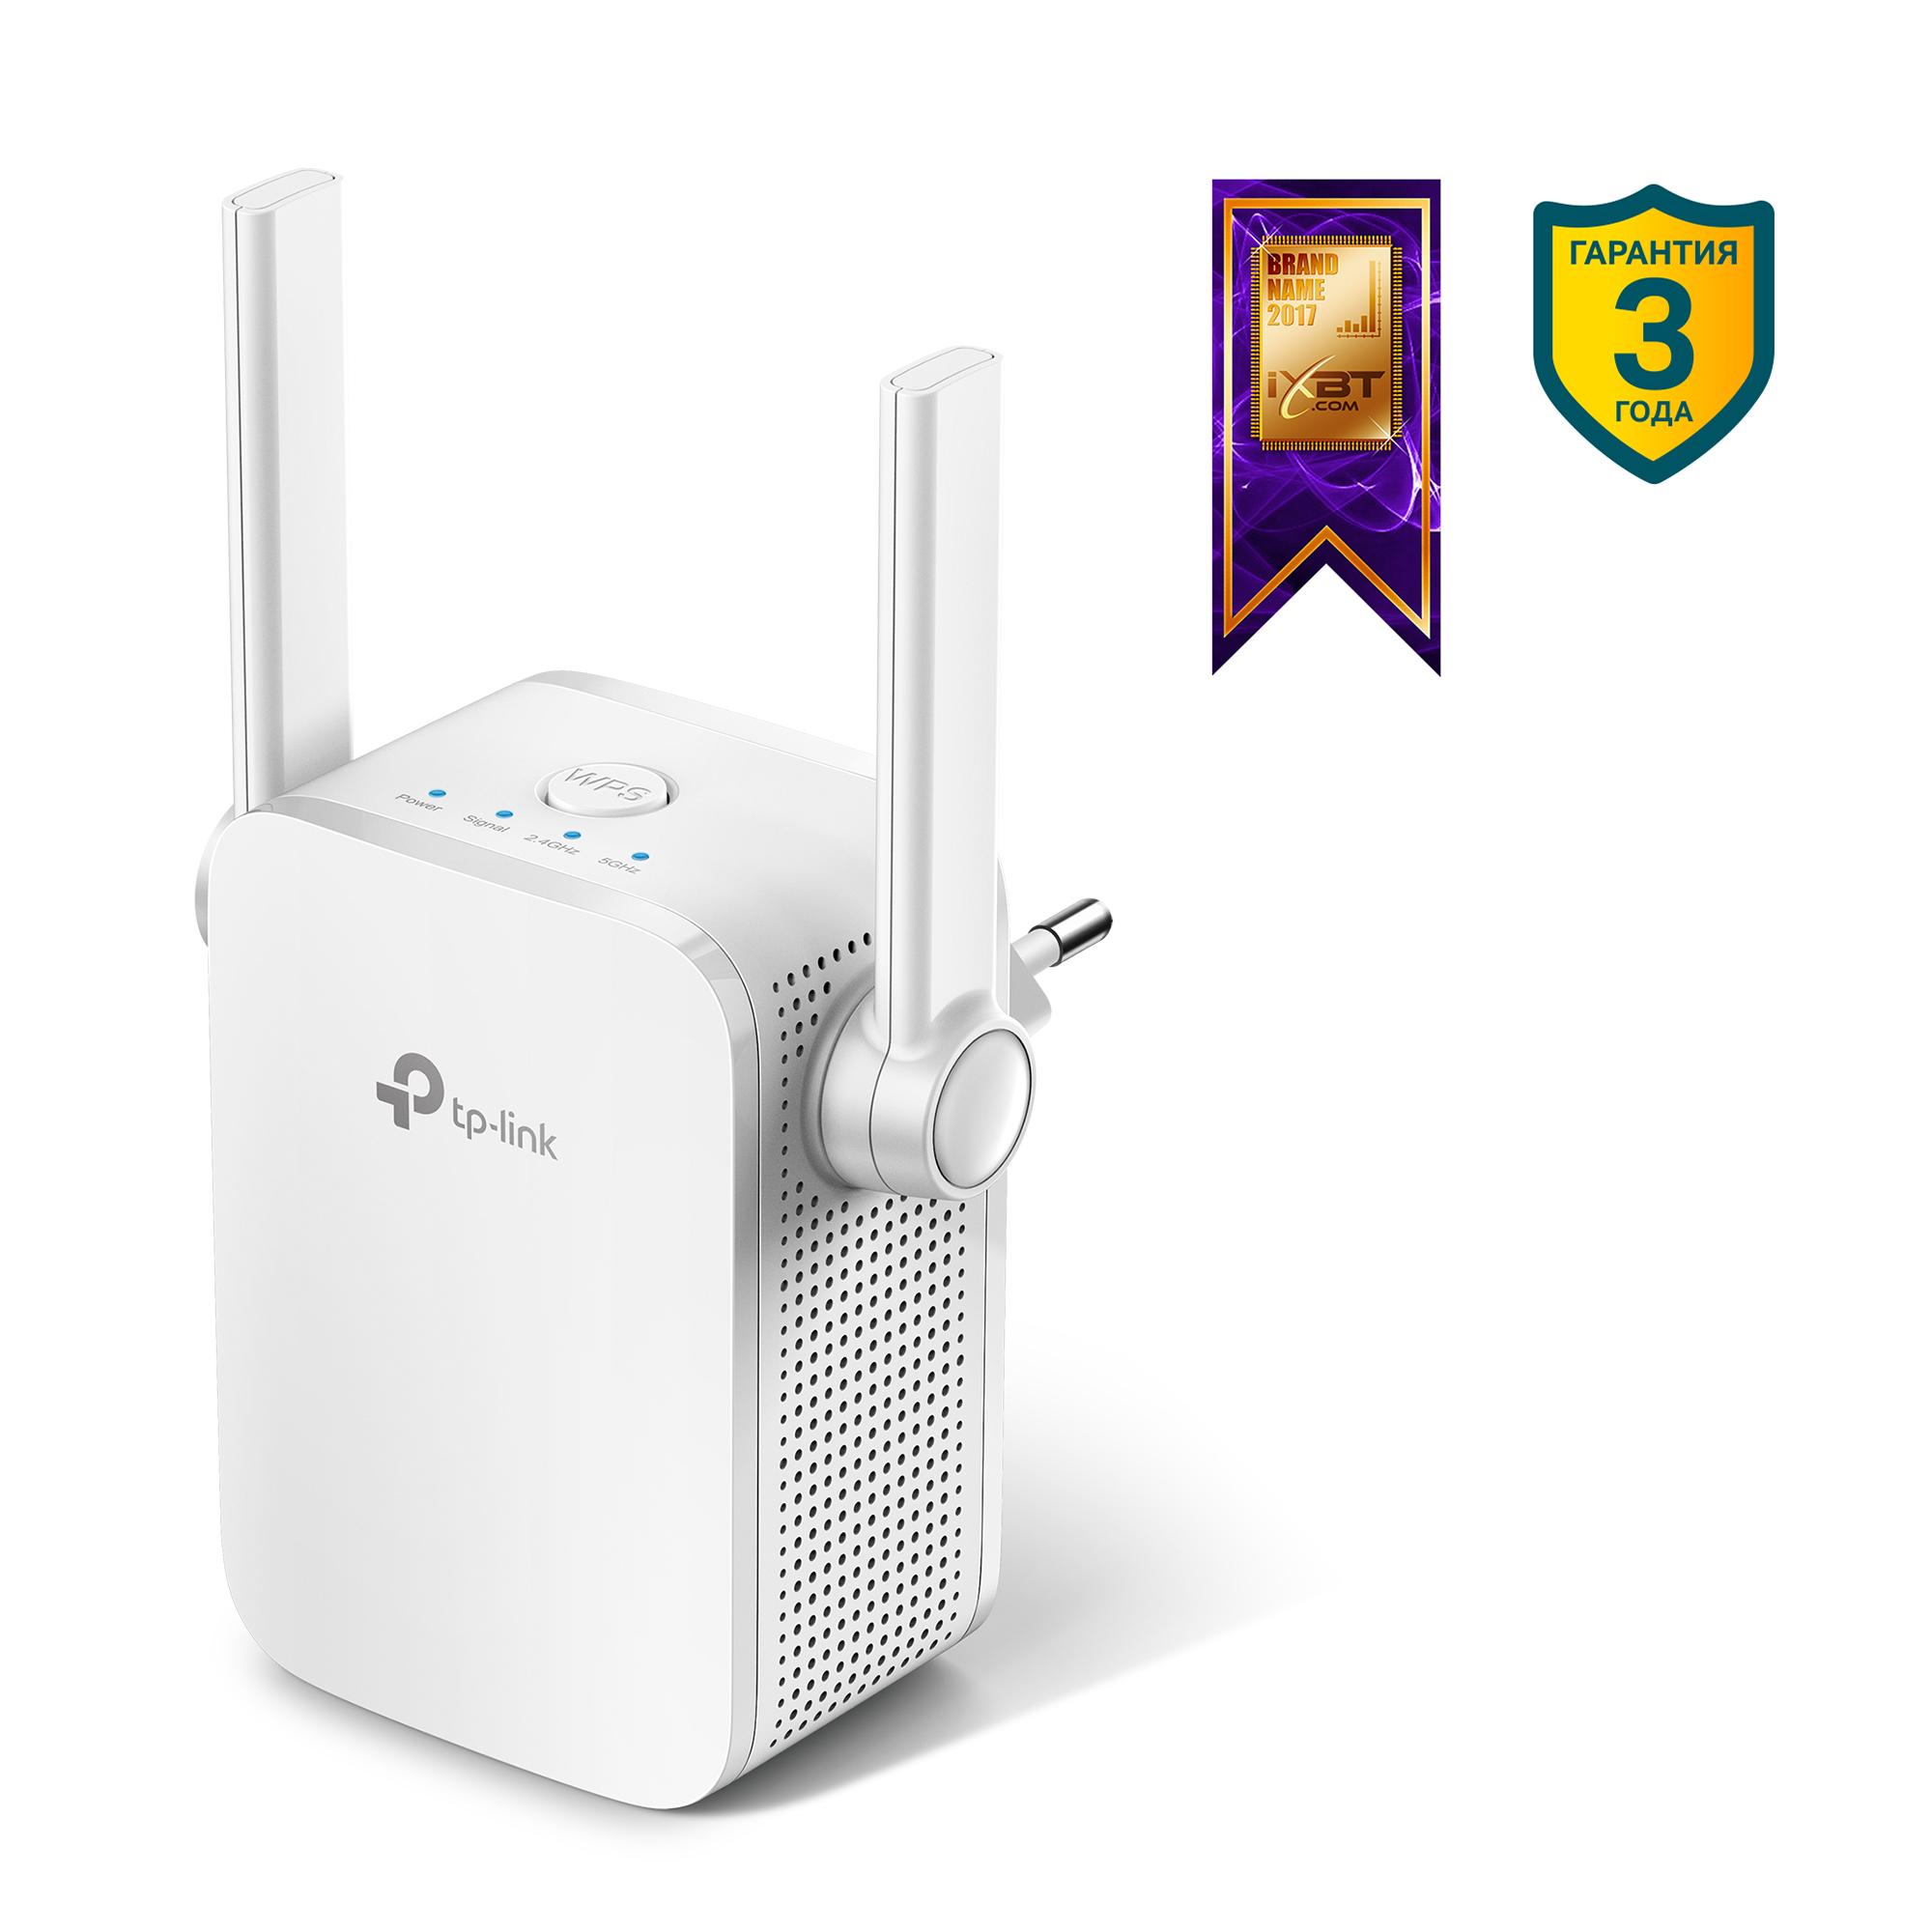 Усилитель сигнала TP-LINK RE205 AC750 Усилитель Wi-Fi сигнала hi fi усилитель мощности pro 2 hifi